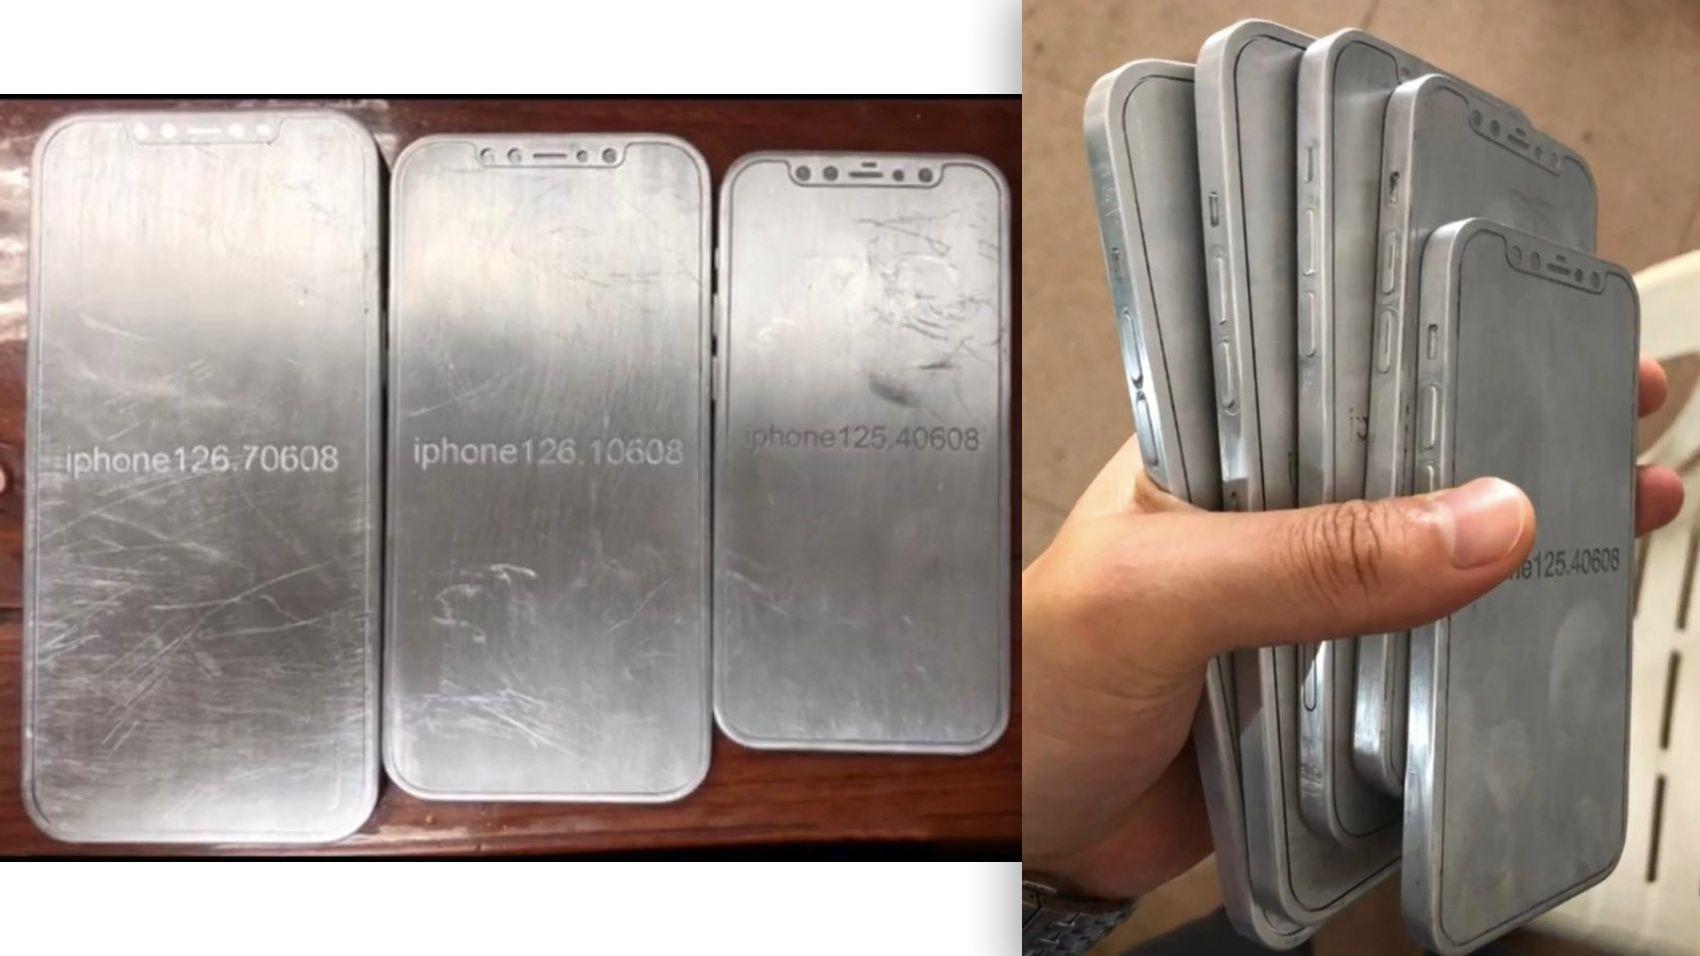 iPhone 12 får et mer iPhone 4-aktig design, ifølge ryktene.